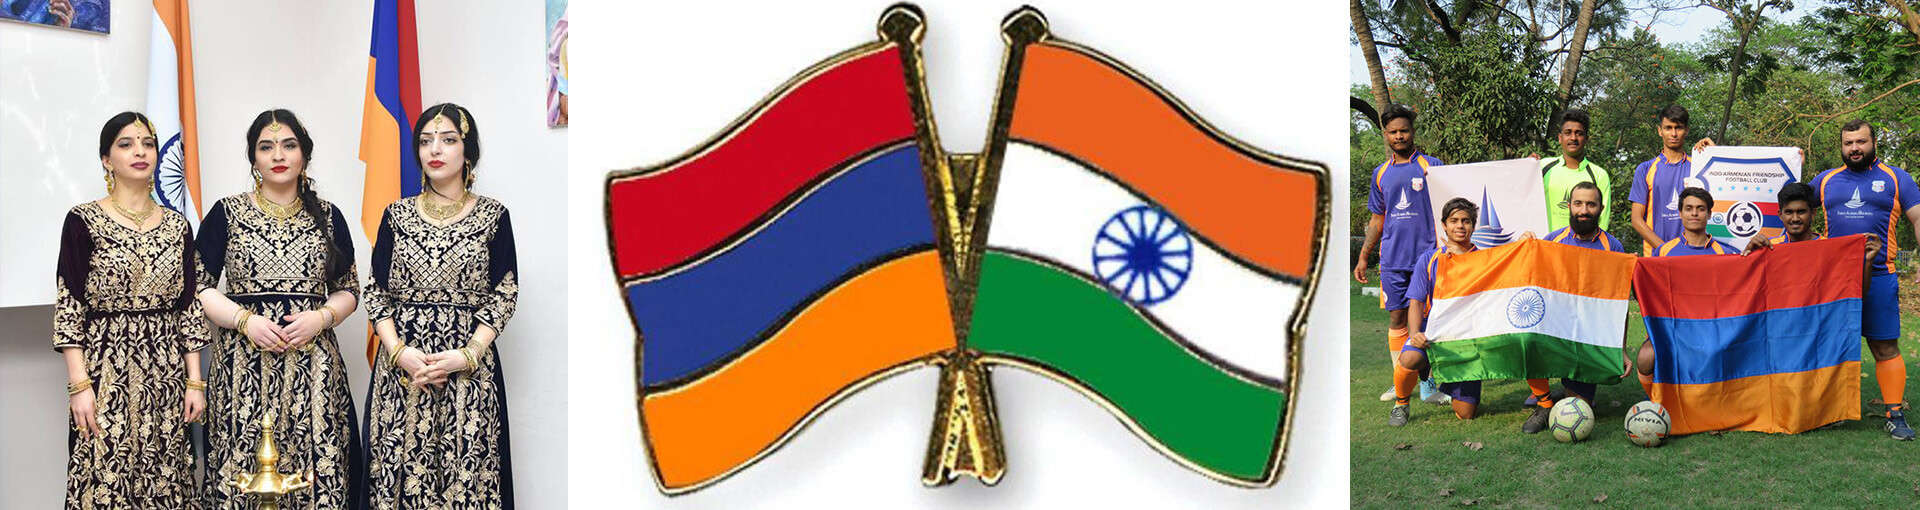 Indians In Armenia